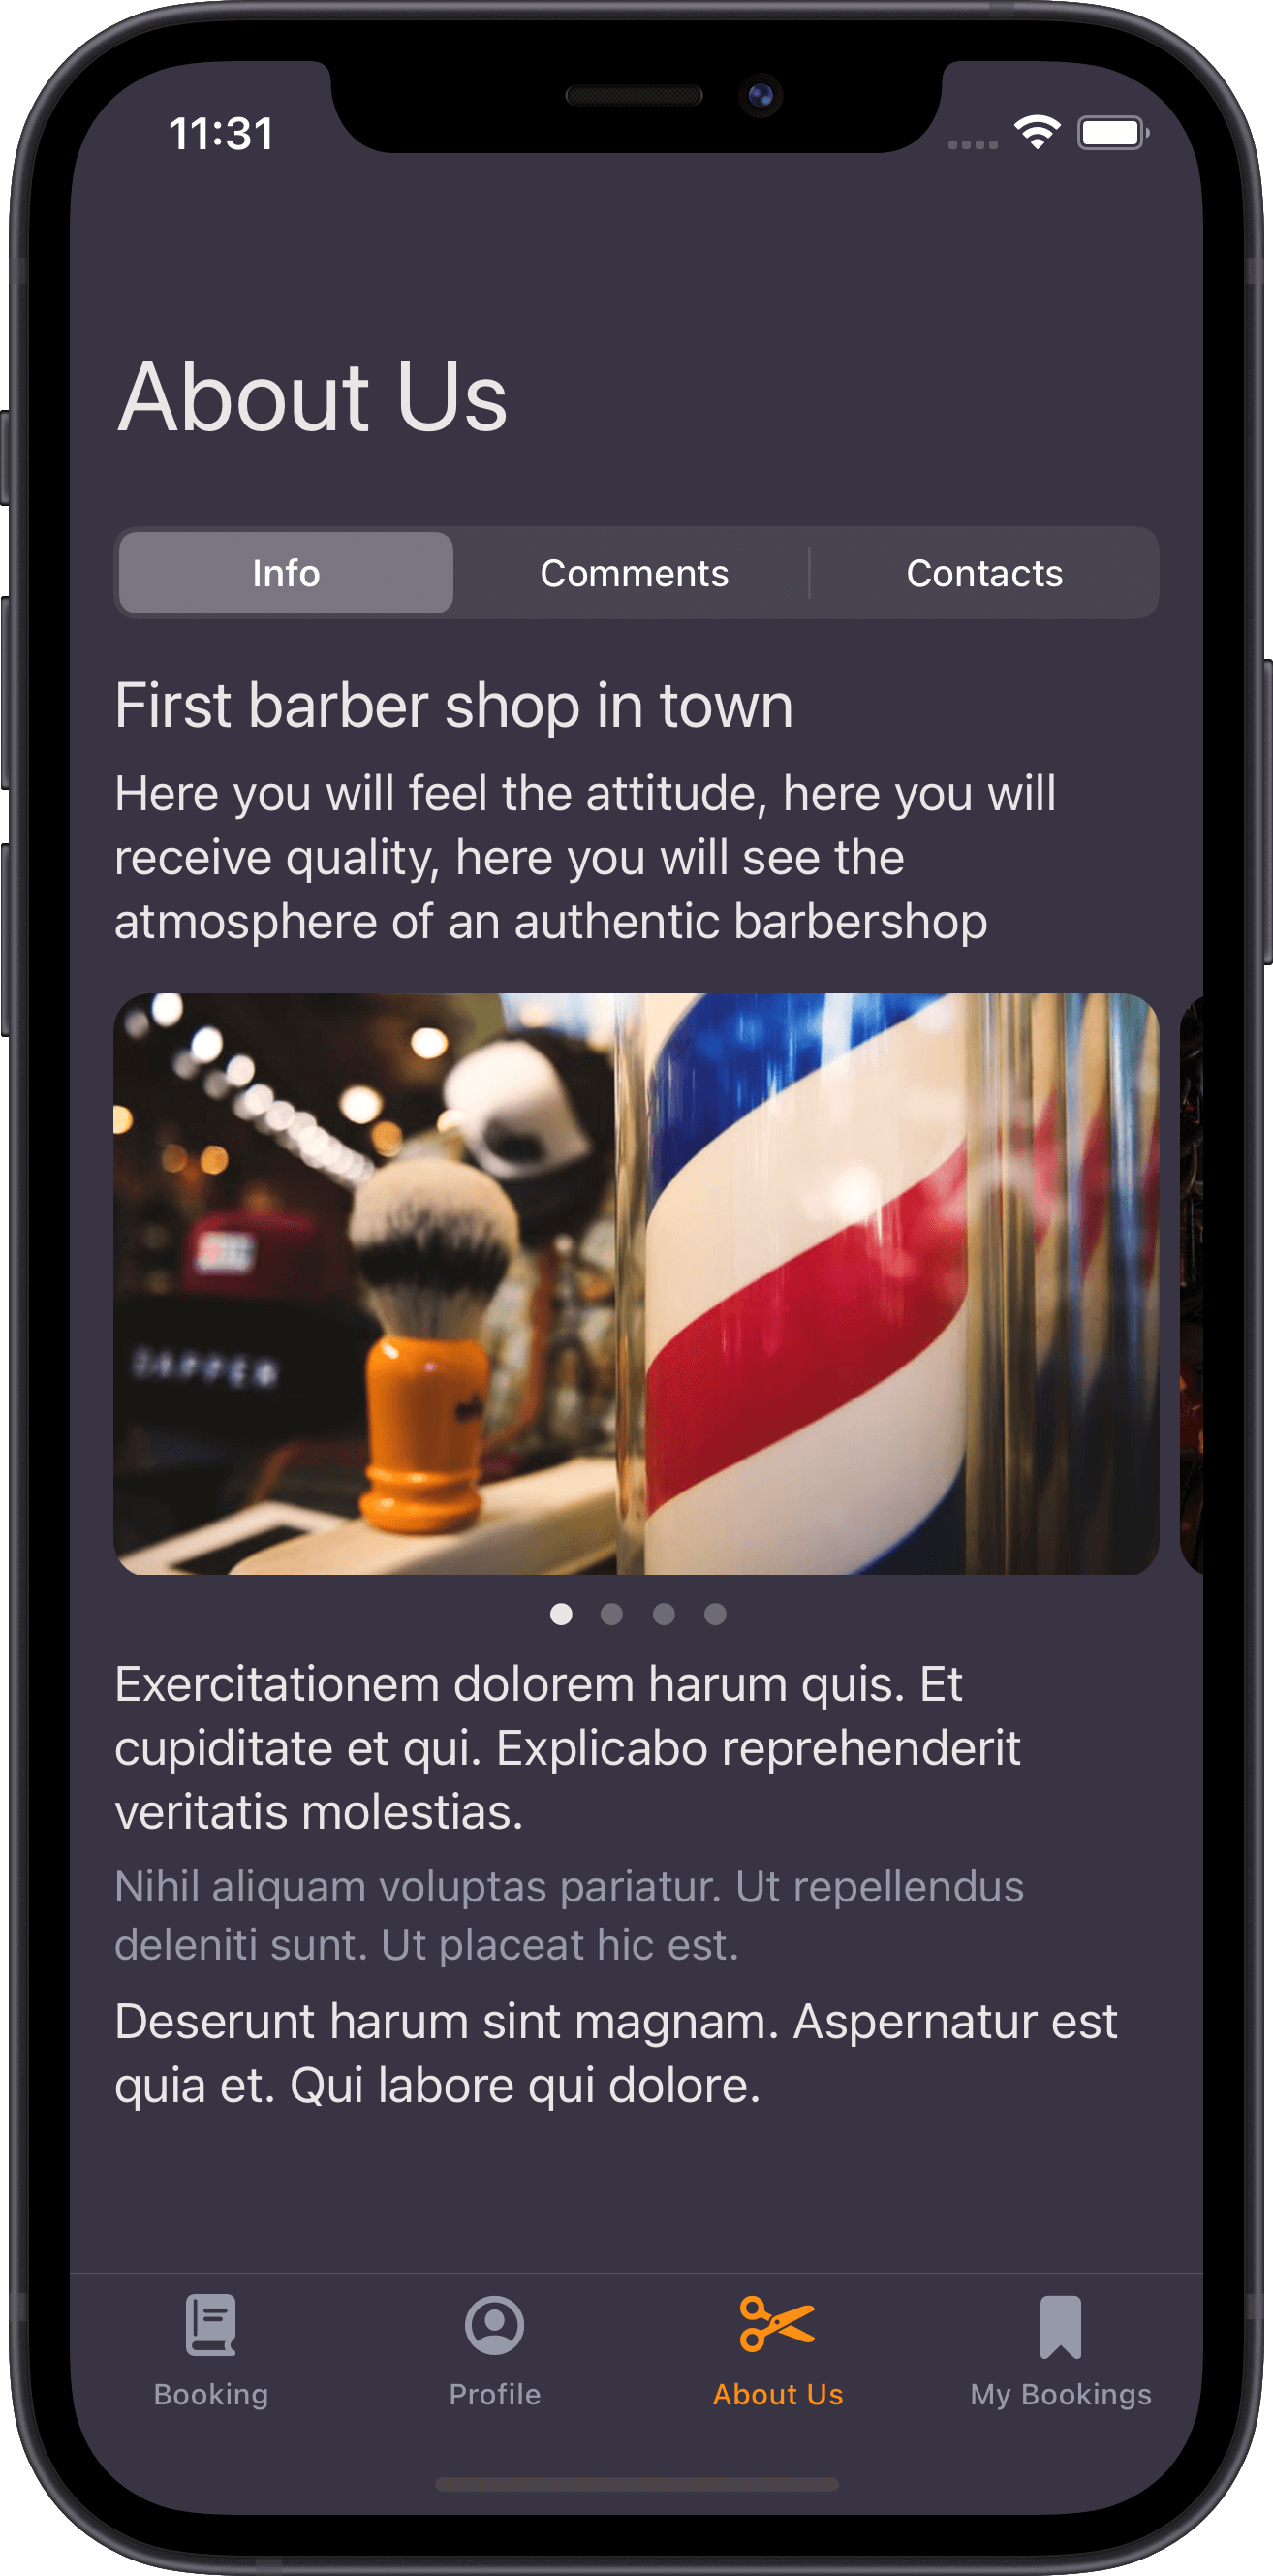 barber-shop, ui, ux, ios design, design system, apple